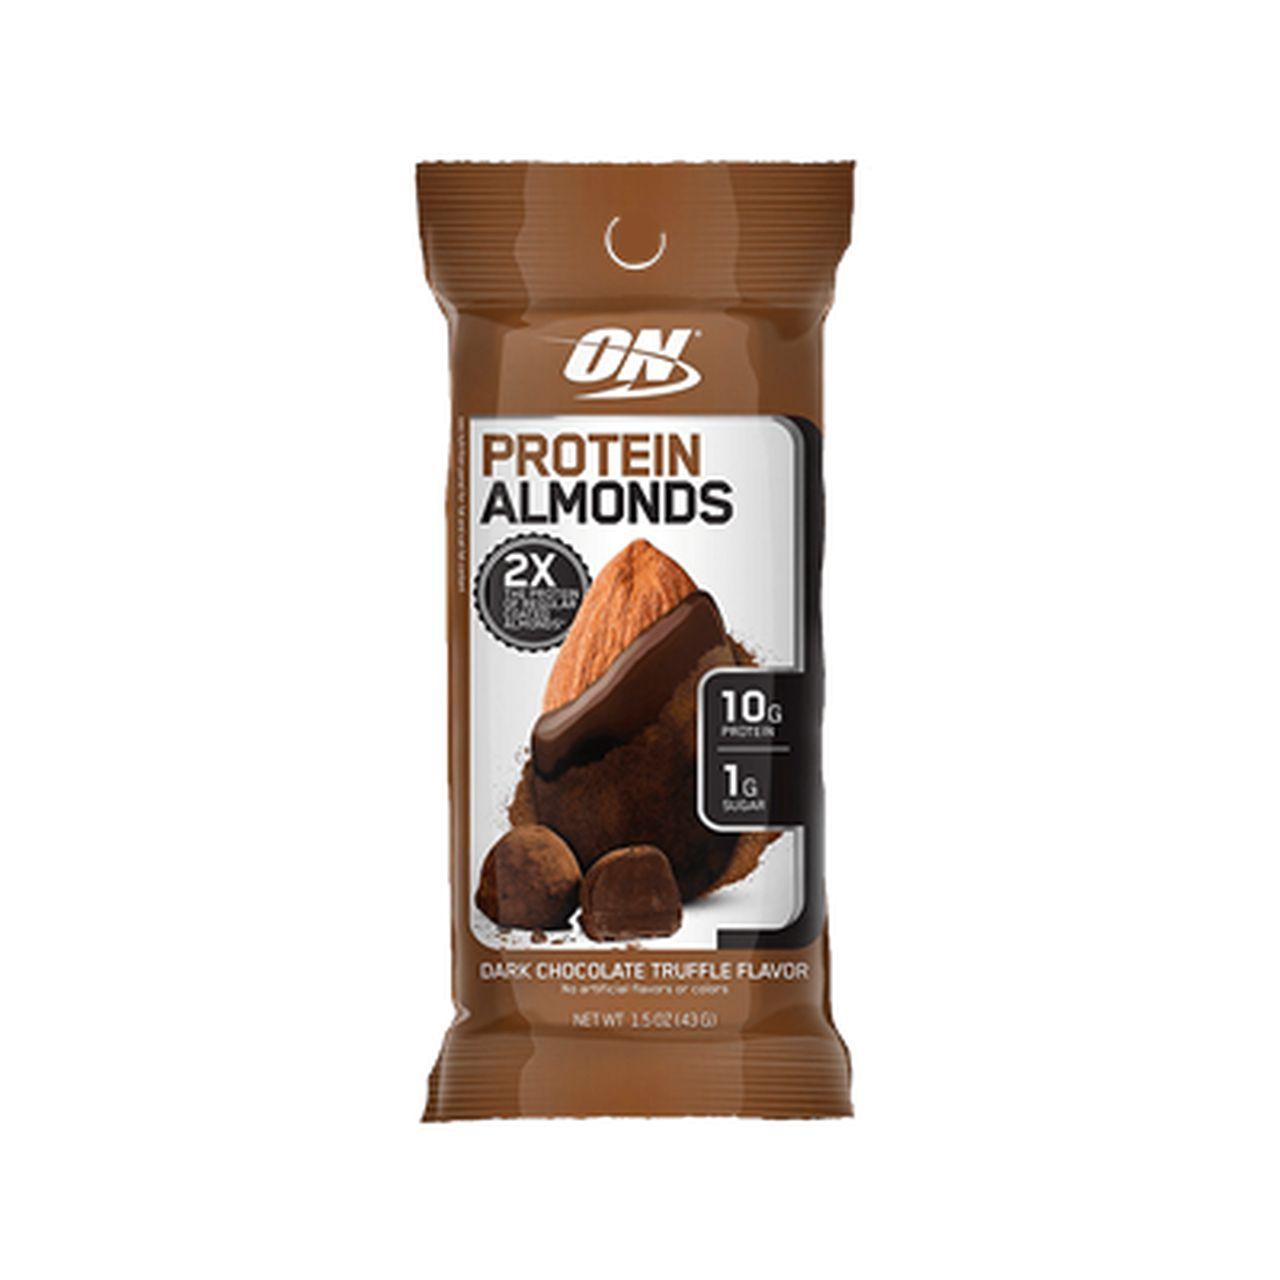 Protein Almonds (43g) - Optimum Nutrition